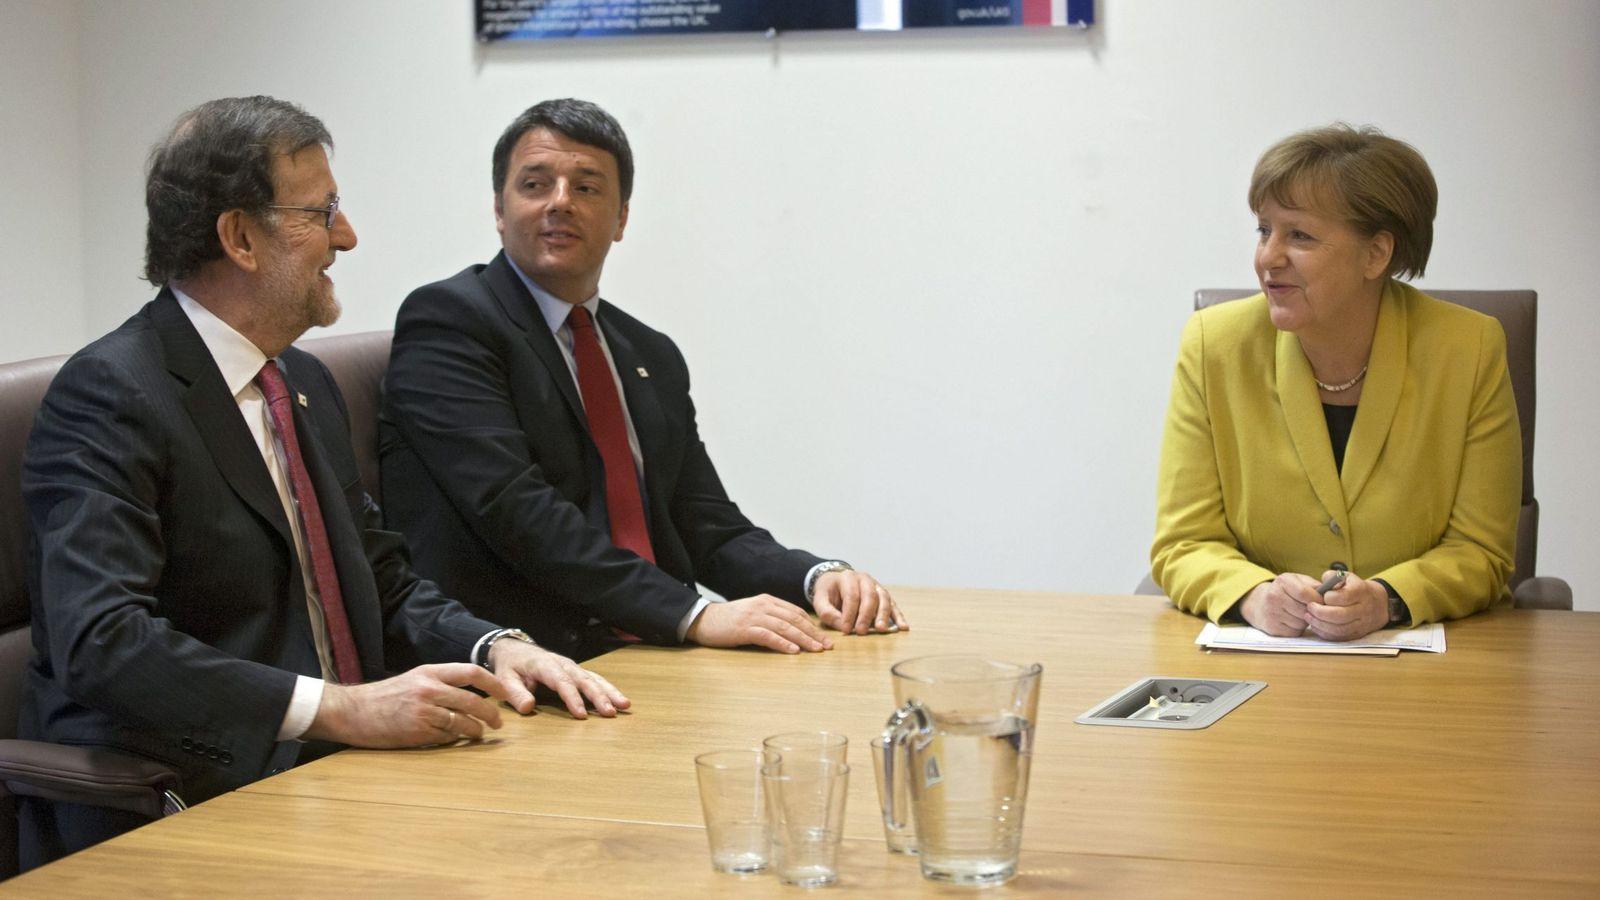 Foto: Rajoy, Renzi y Merkel, durante la cumbre de jefes de Estado y Gobierno de la UE en Bruselas. (EFE)